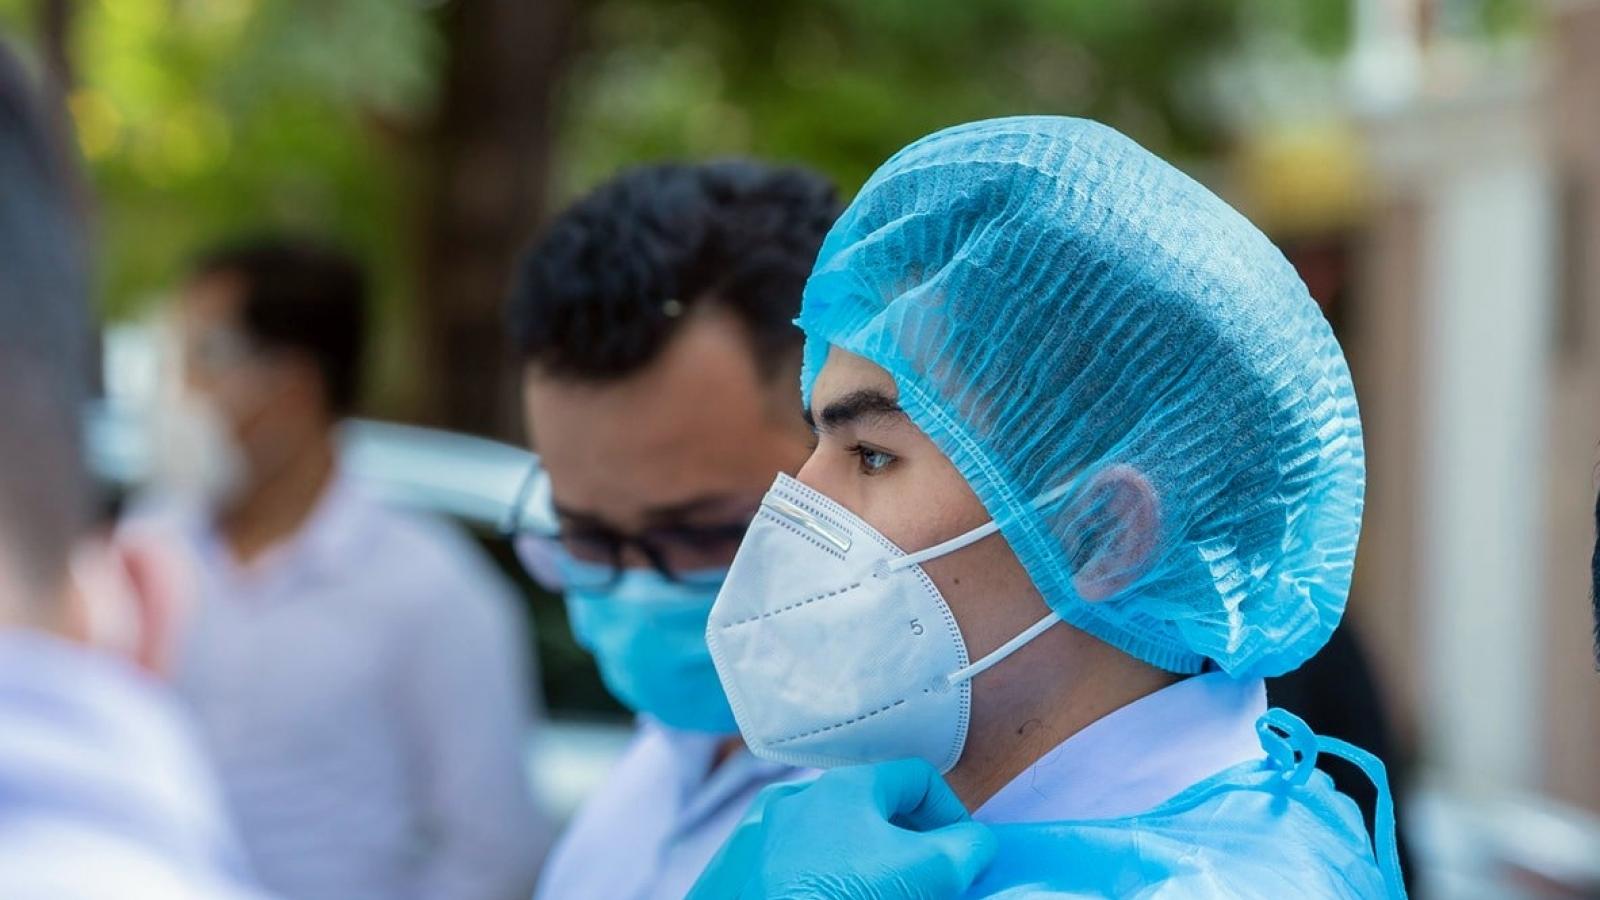 Biến chủng virus SARS-CoV-2 từ Ấn Độ xâm nhập Campuchia